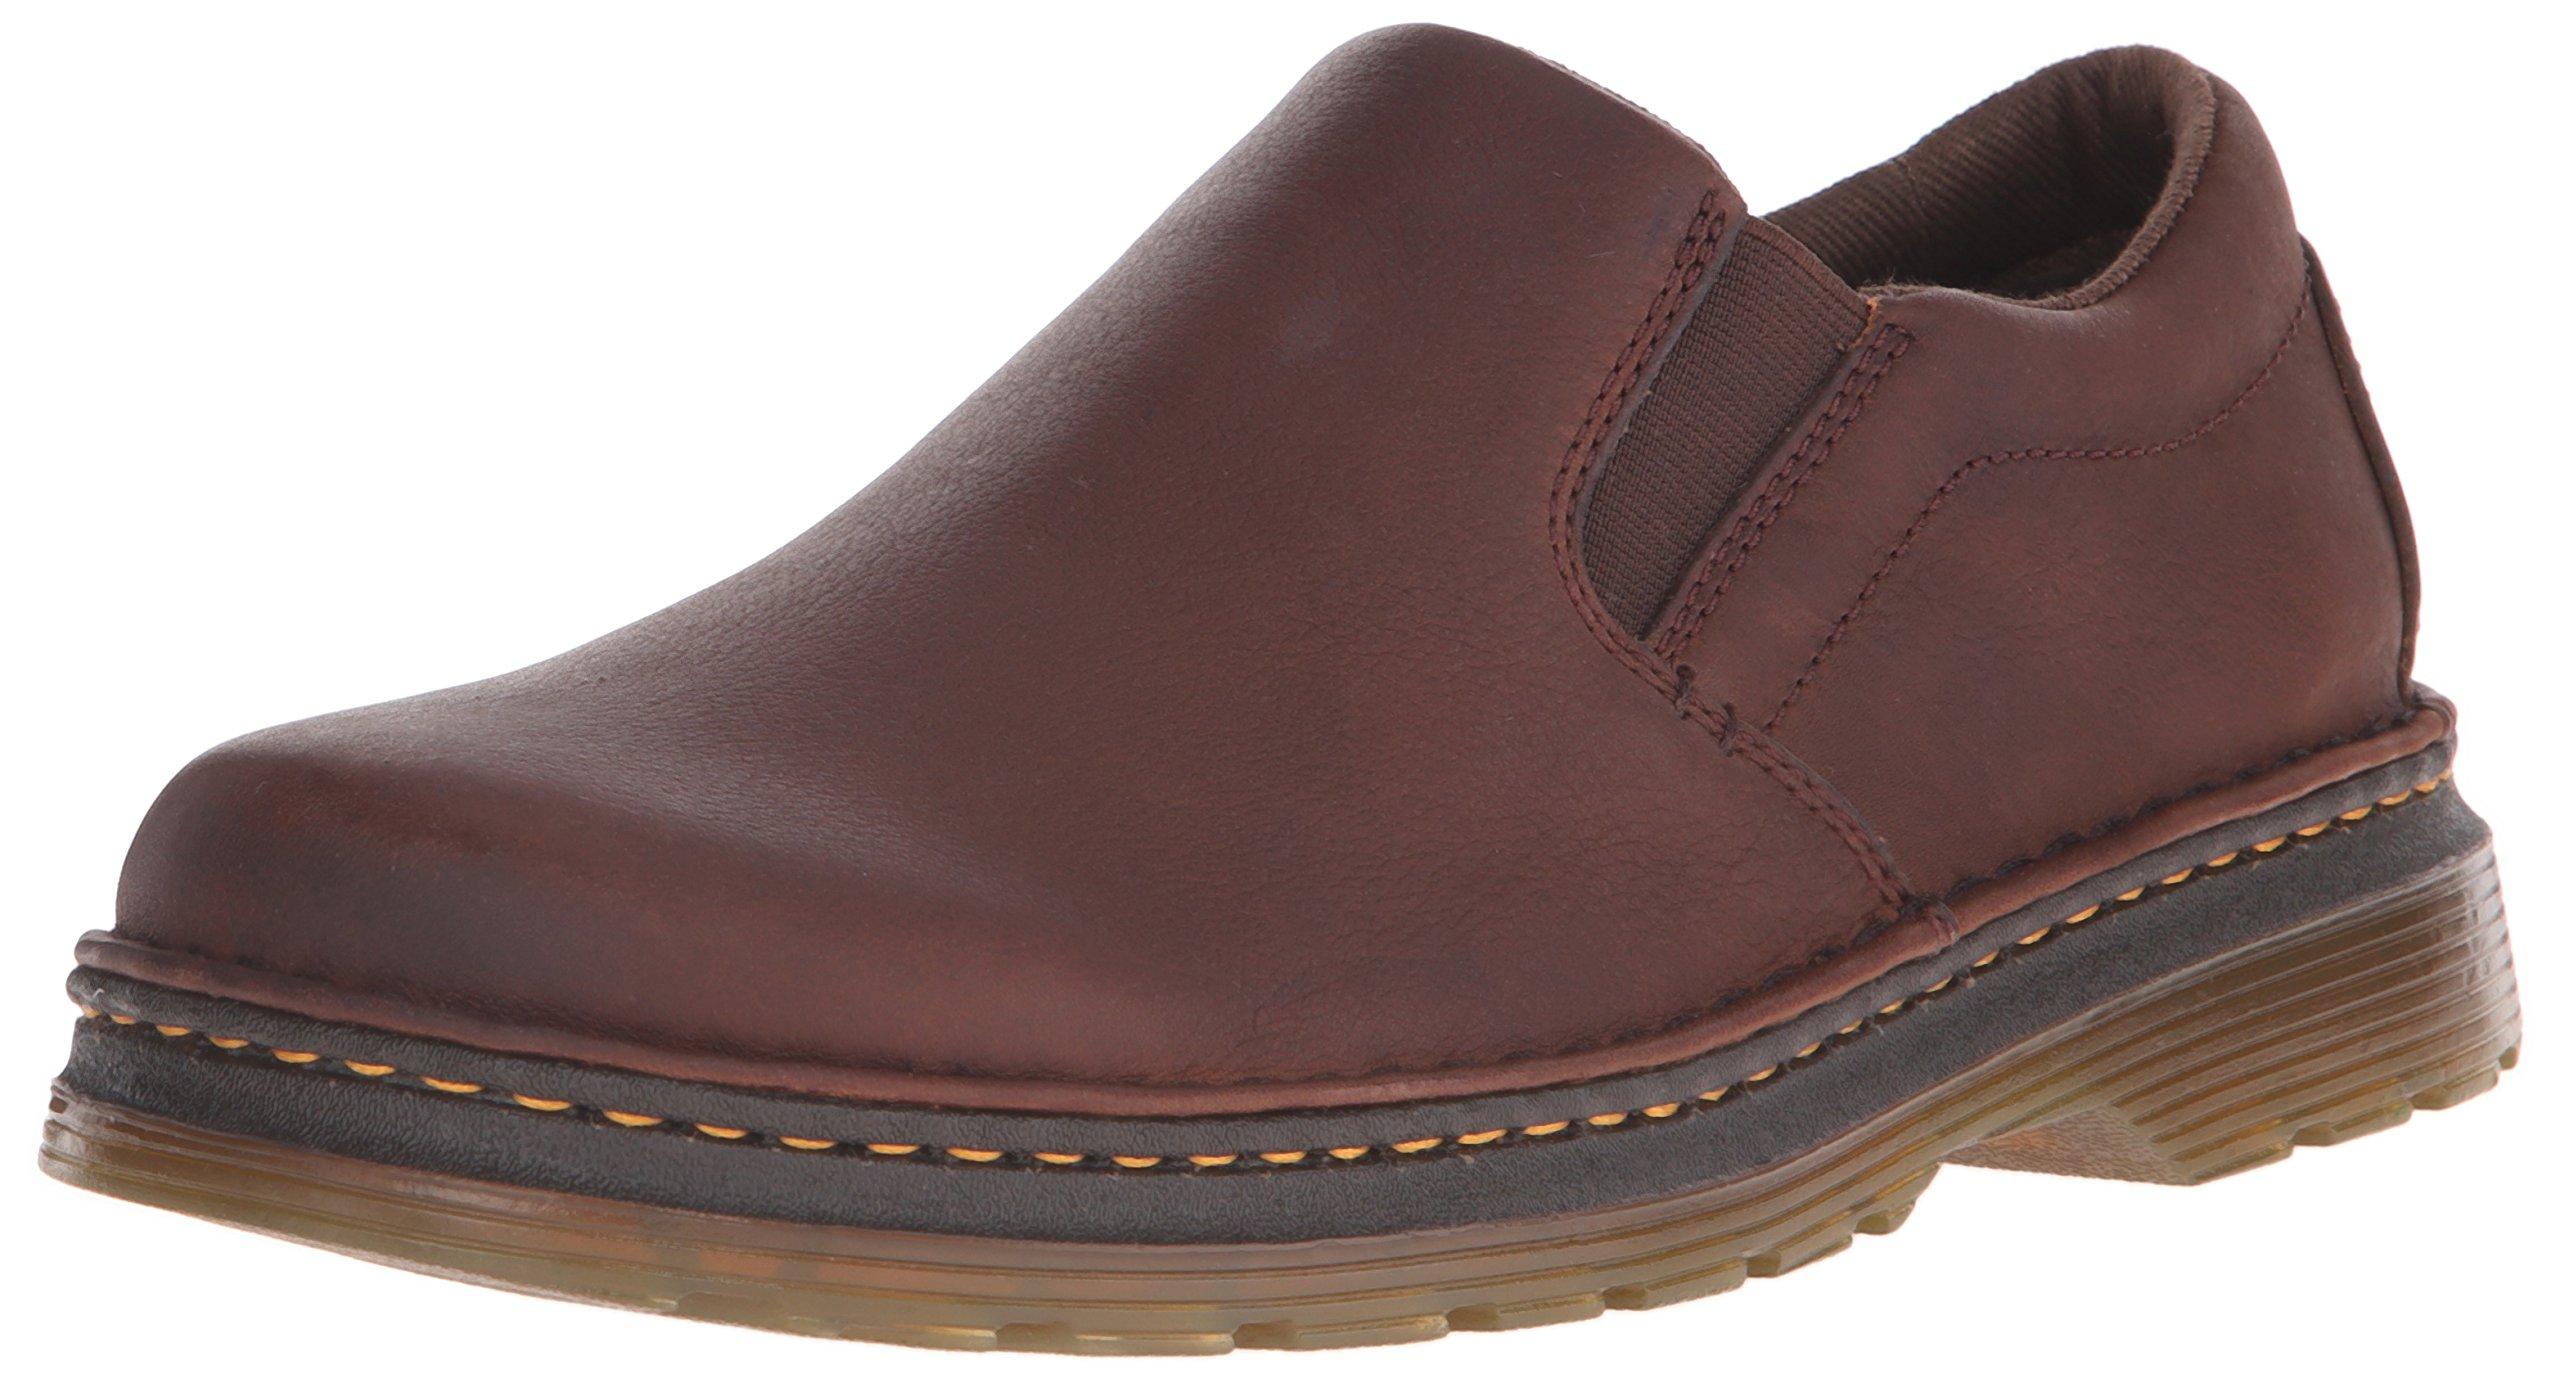 Dr. Martens Men's Boyle Slip-On Loafer, Dark Brown, 10 UK/11 M US